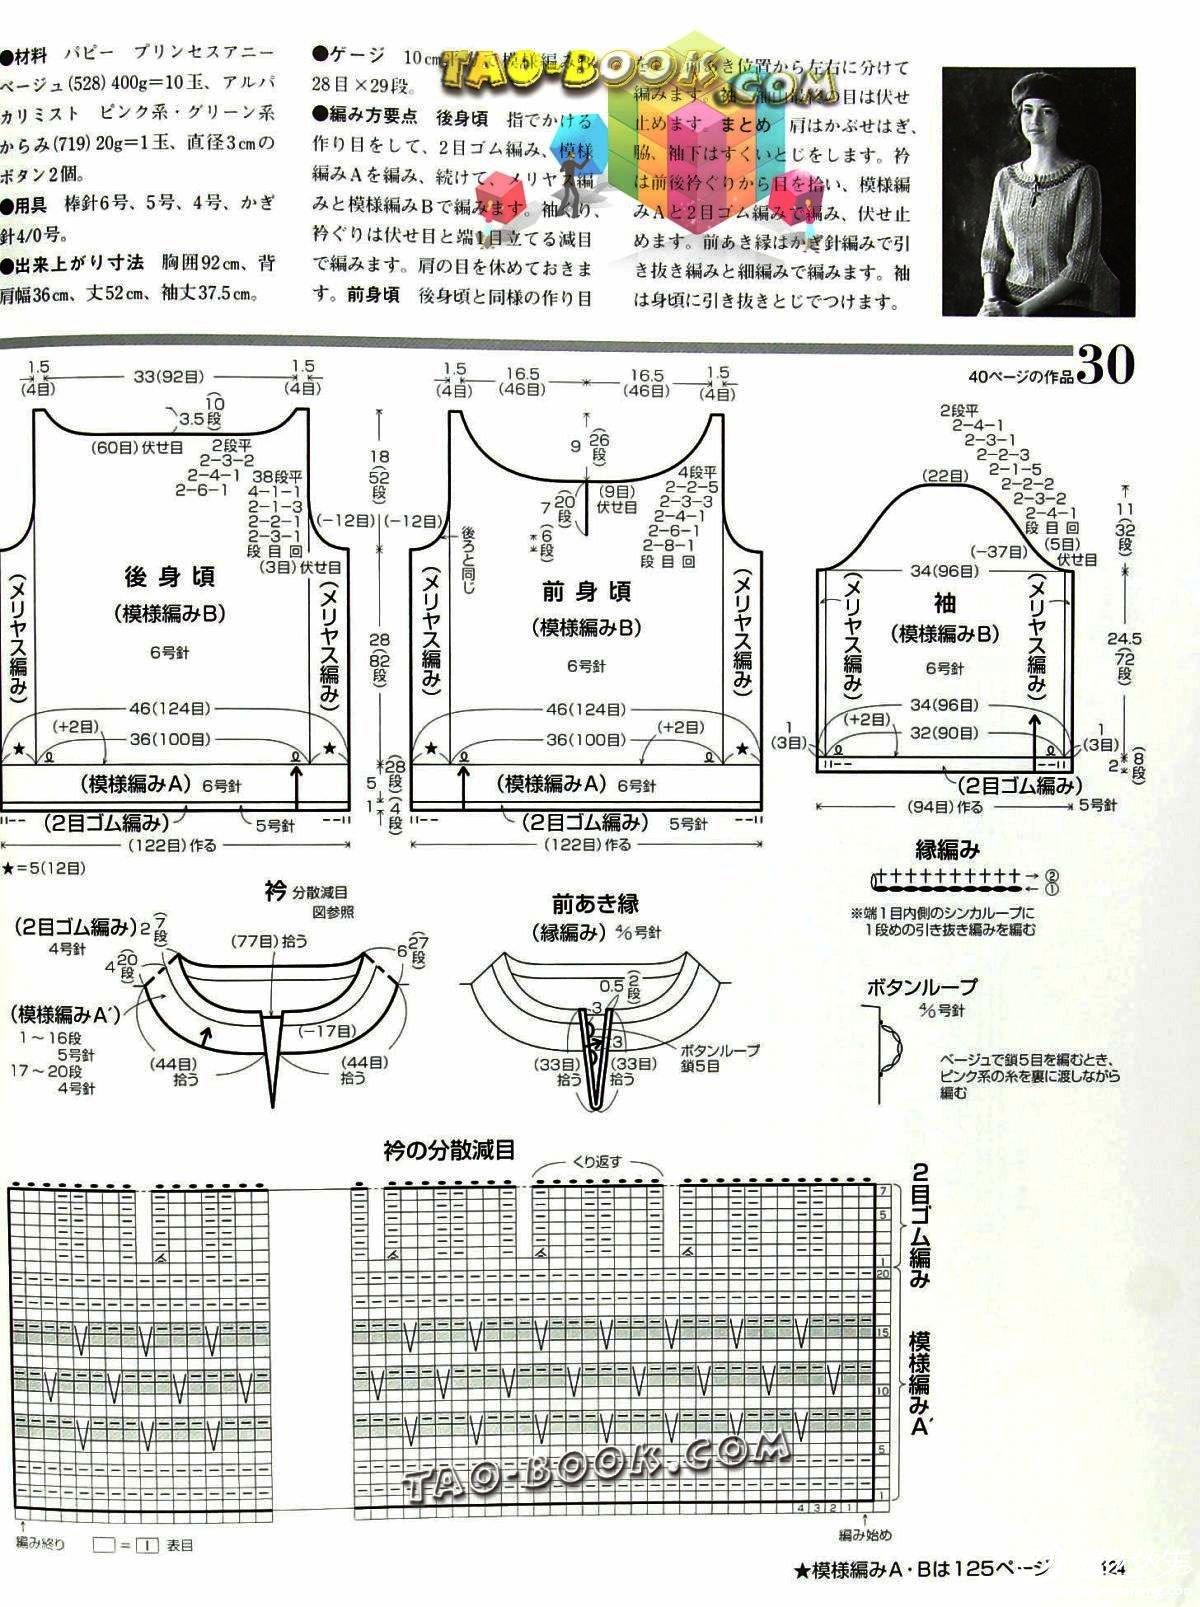 远山图解 (1).jpg